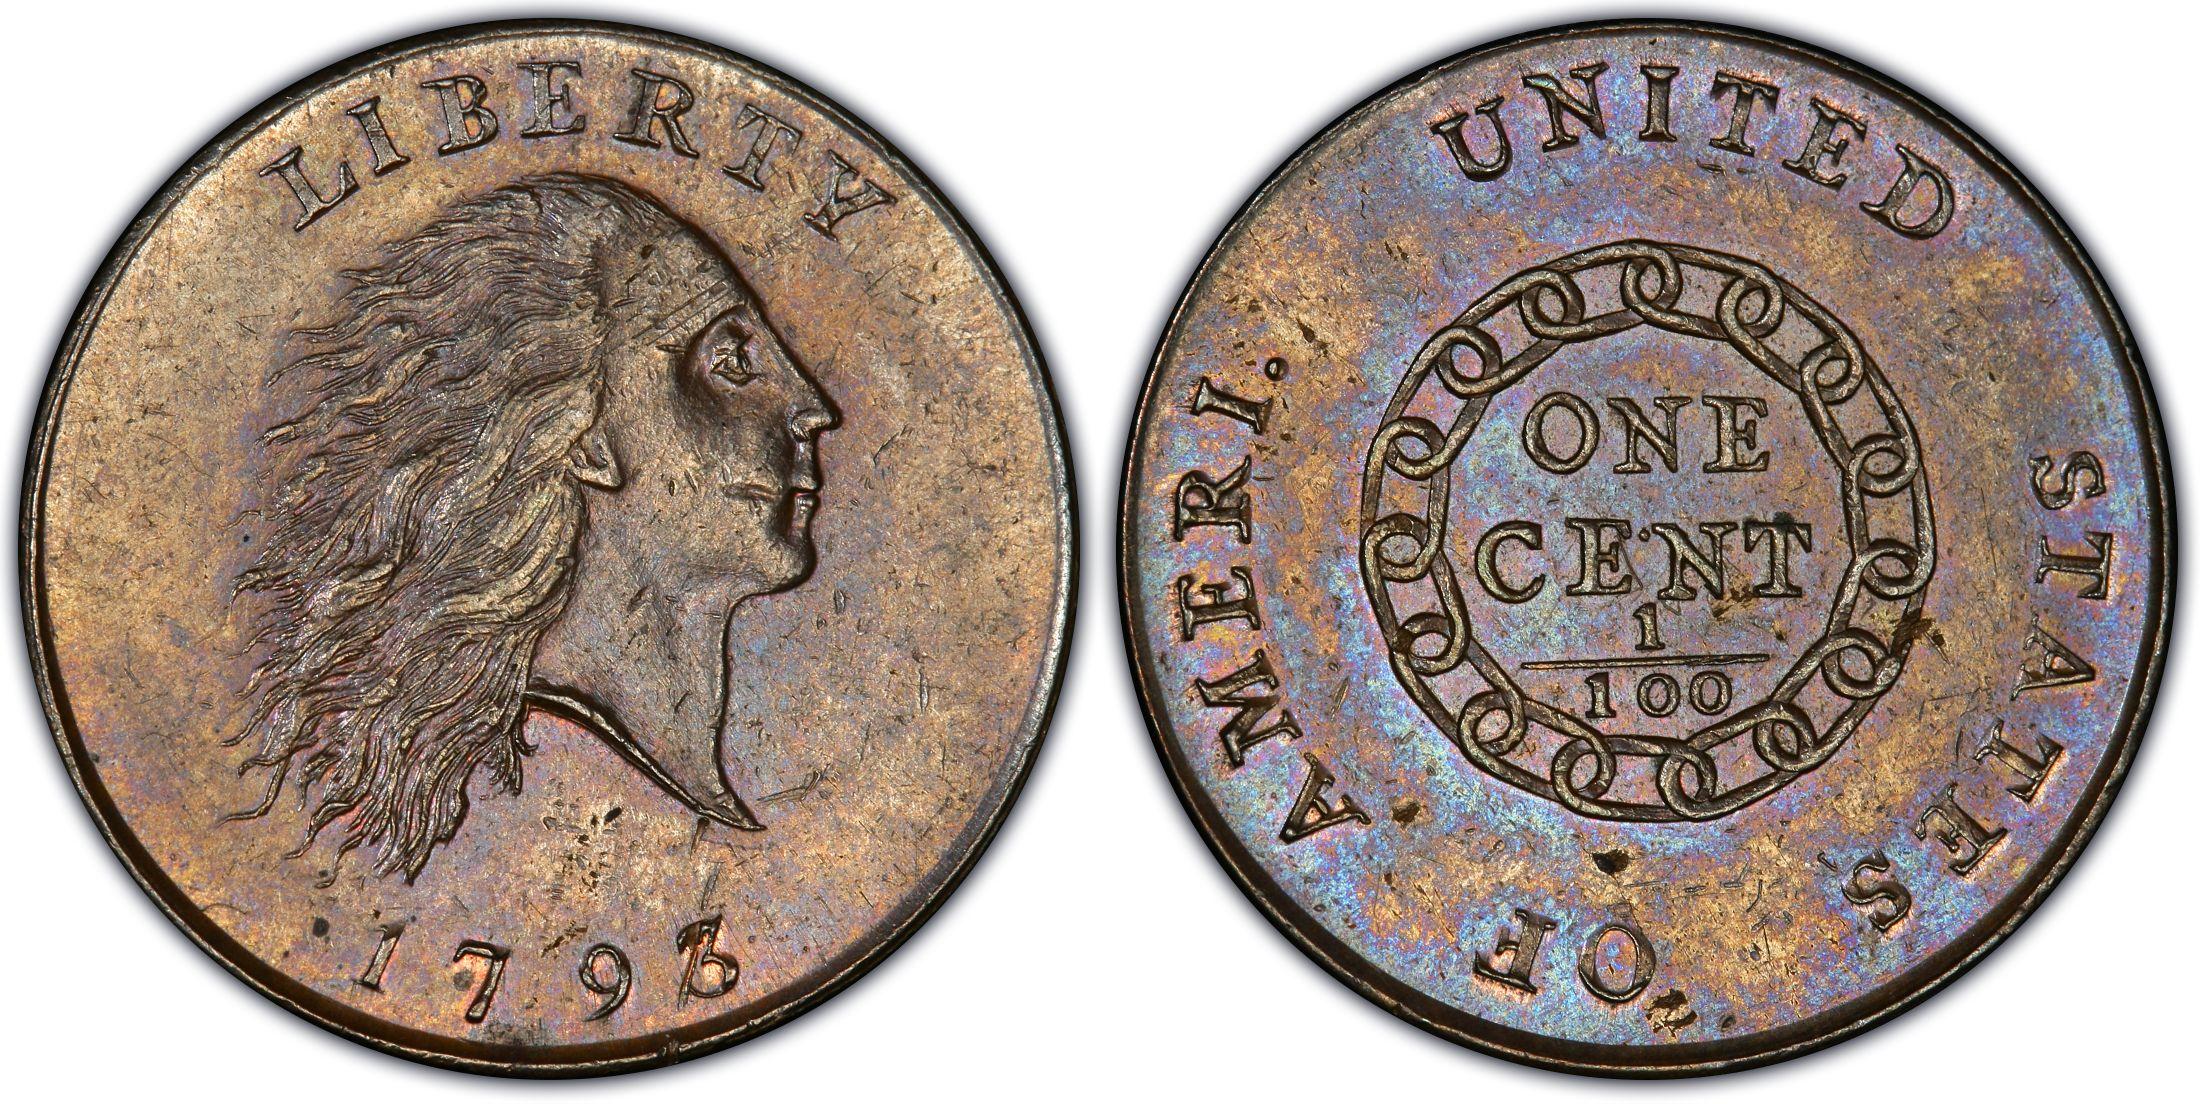 Voor en achterzijde van een chain cent uit 1793